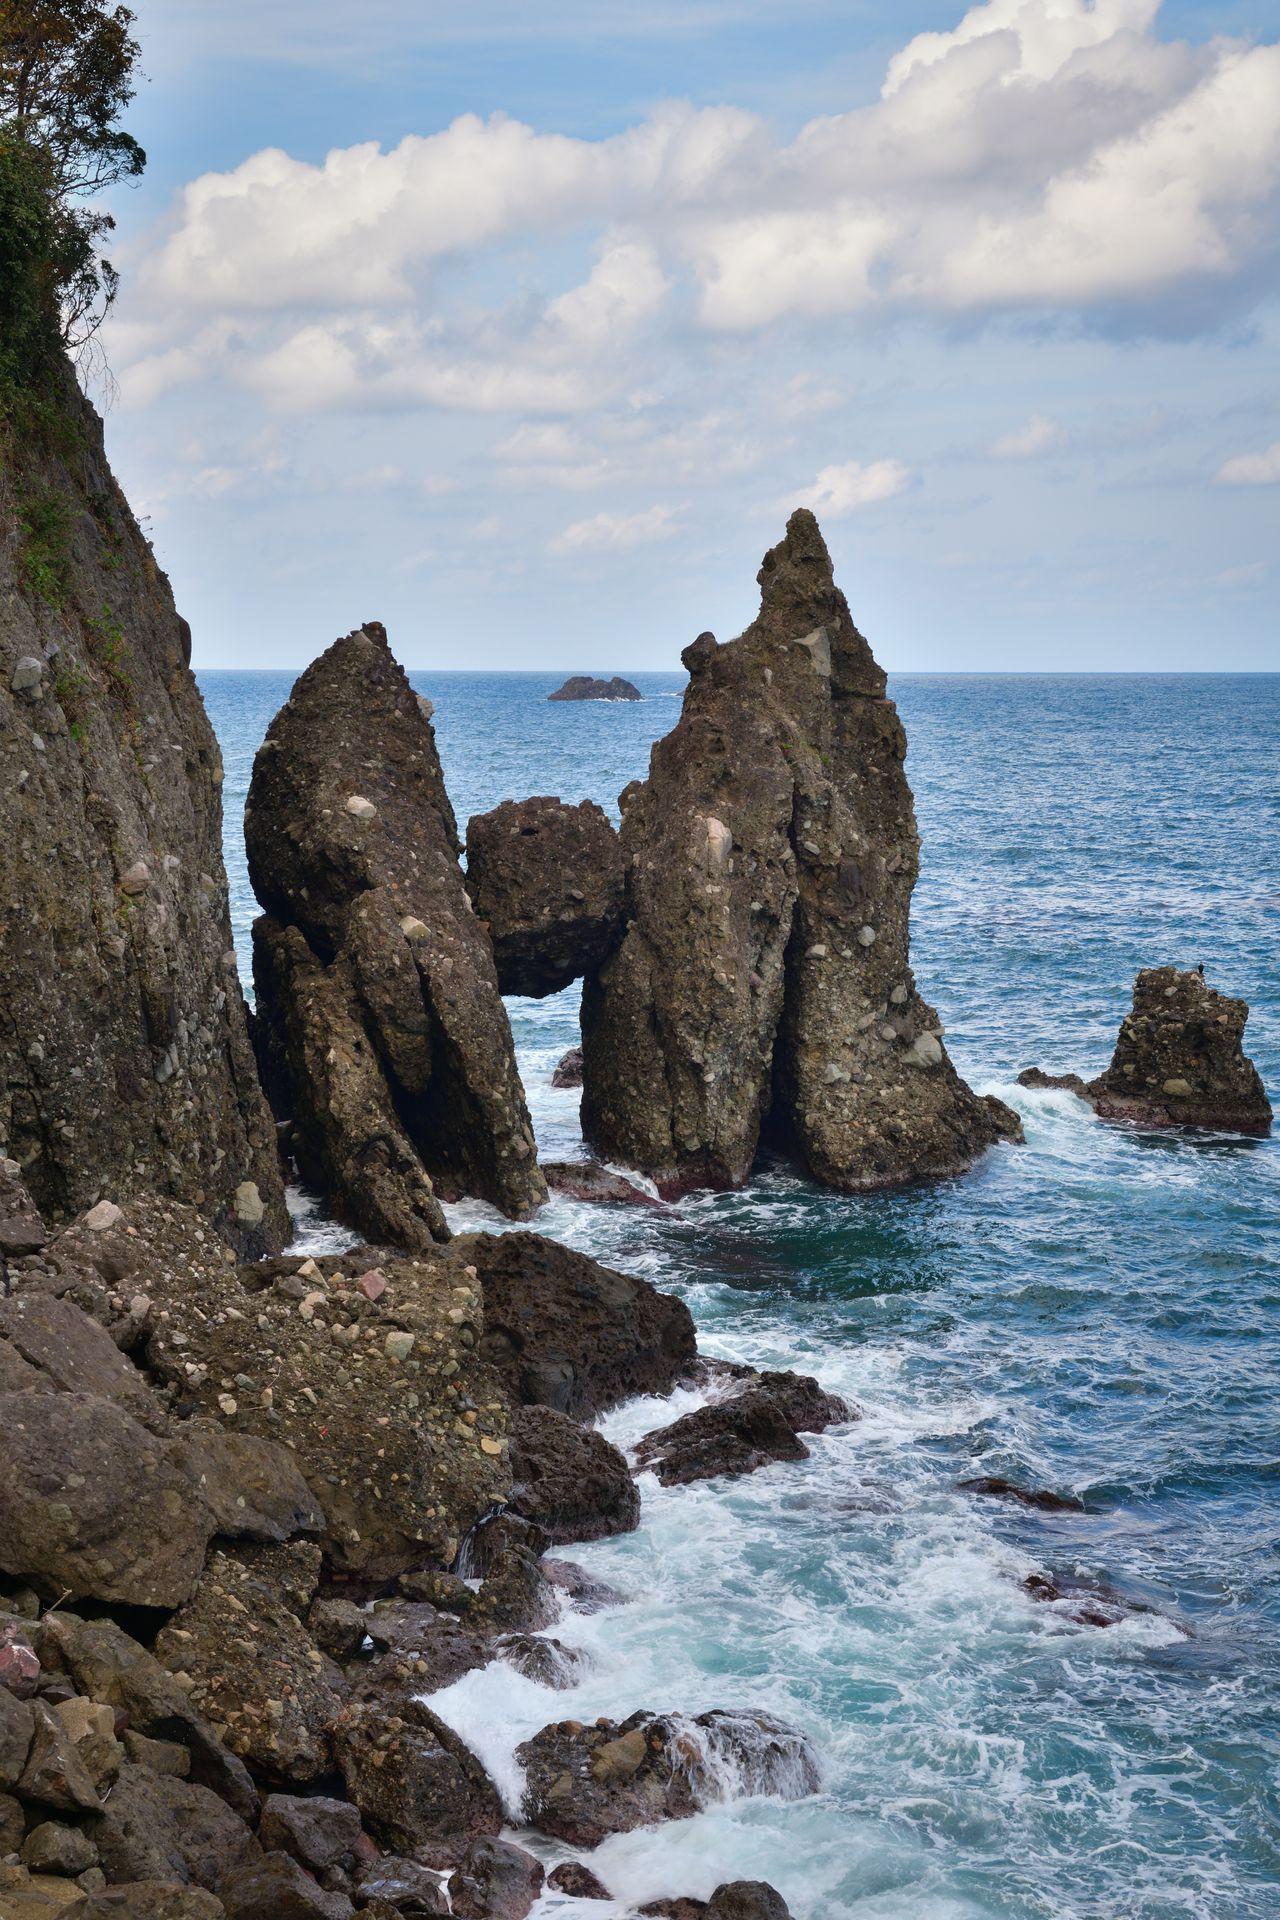 Скала Хасакариива на побережье Кирихама – скальные ворота с обрушившимся верхом (фотография предоставлена штаб-квартирой по туризму Хёго)